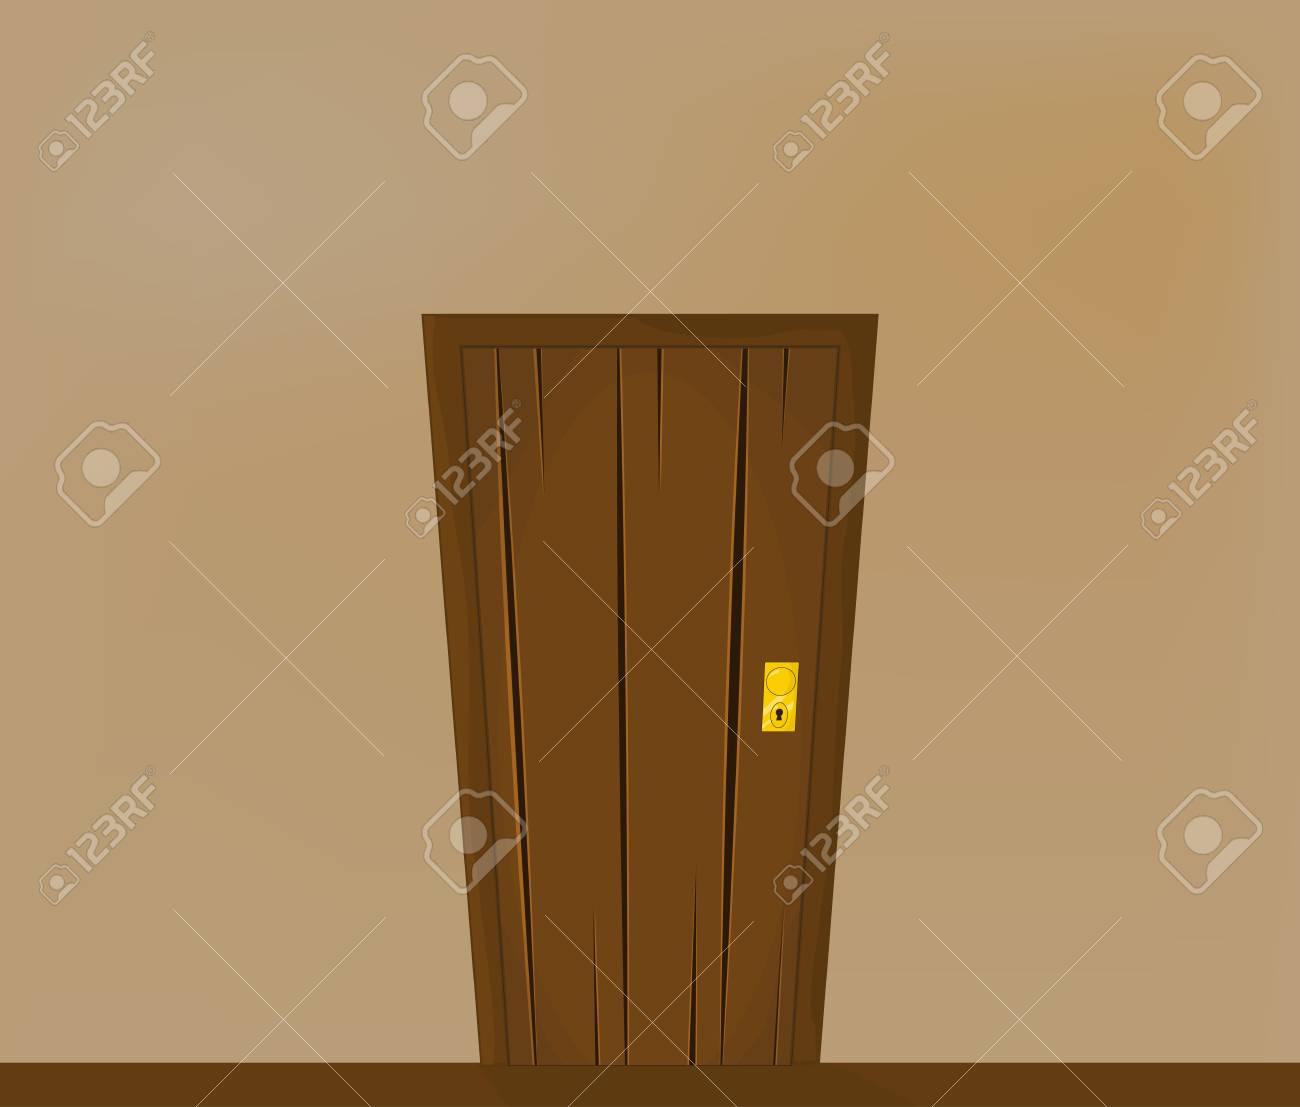 美しい廊下のドアの壁紙デザイン イラストをバナーのイラスト素材 ベクタ Image 75643552